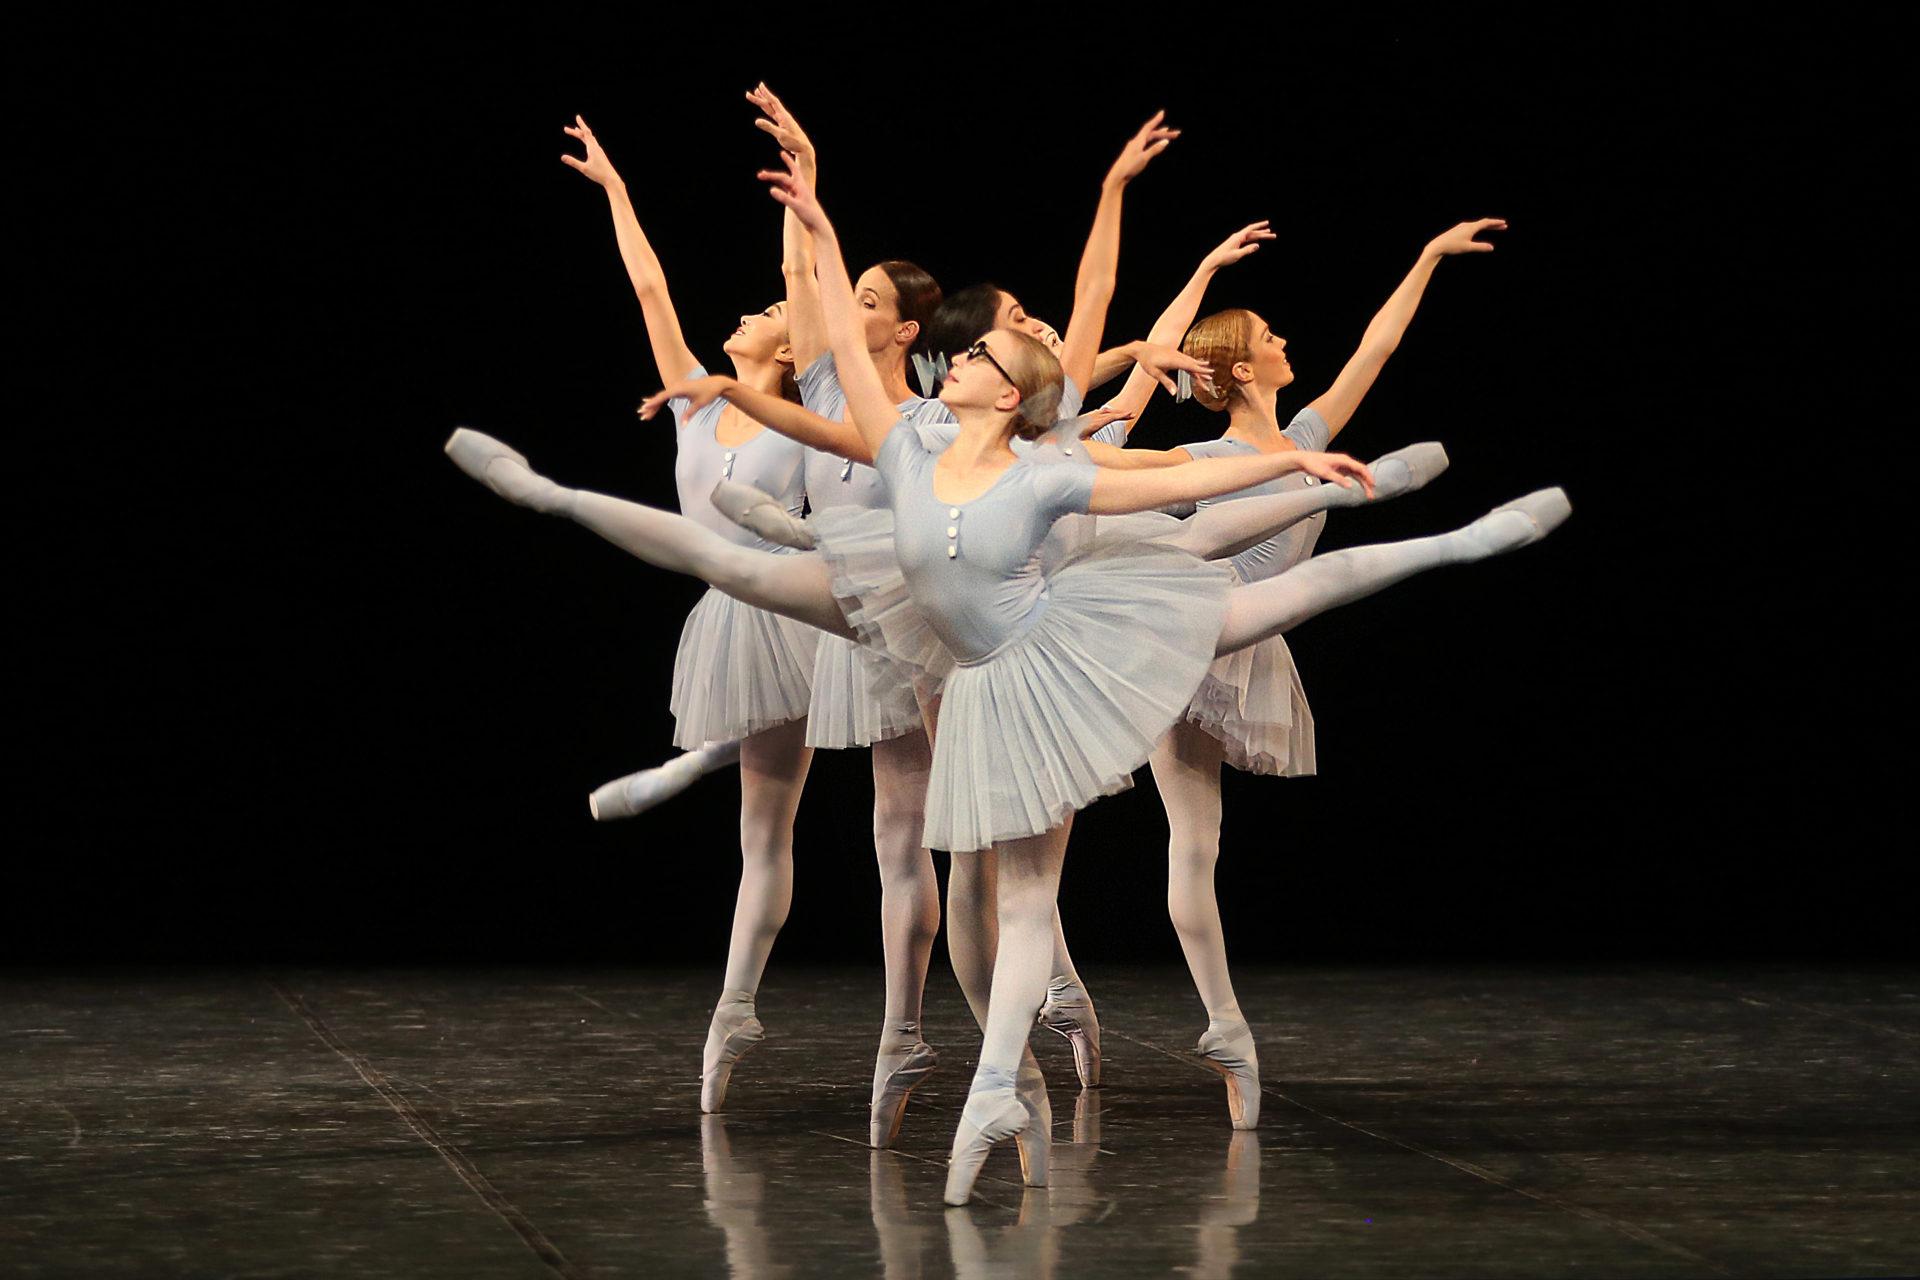 Chopin_Dances_HH_Ballett_Foto_AnjaBeutler.de_337